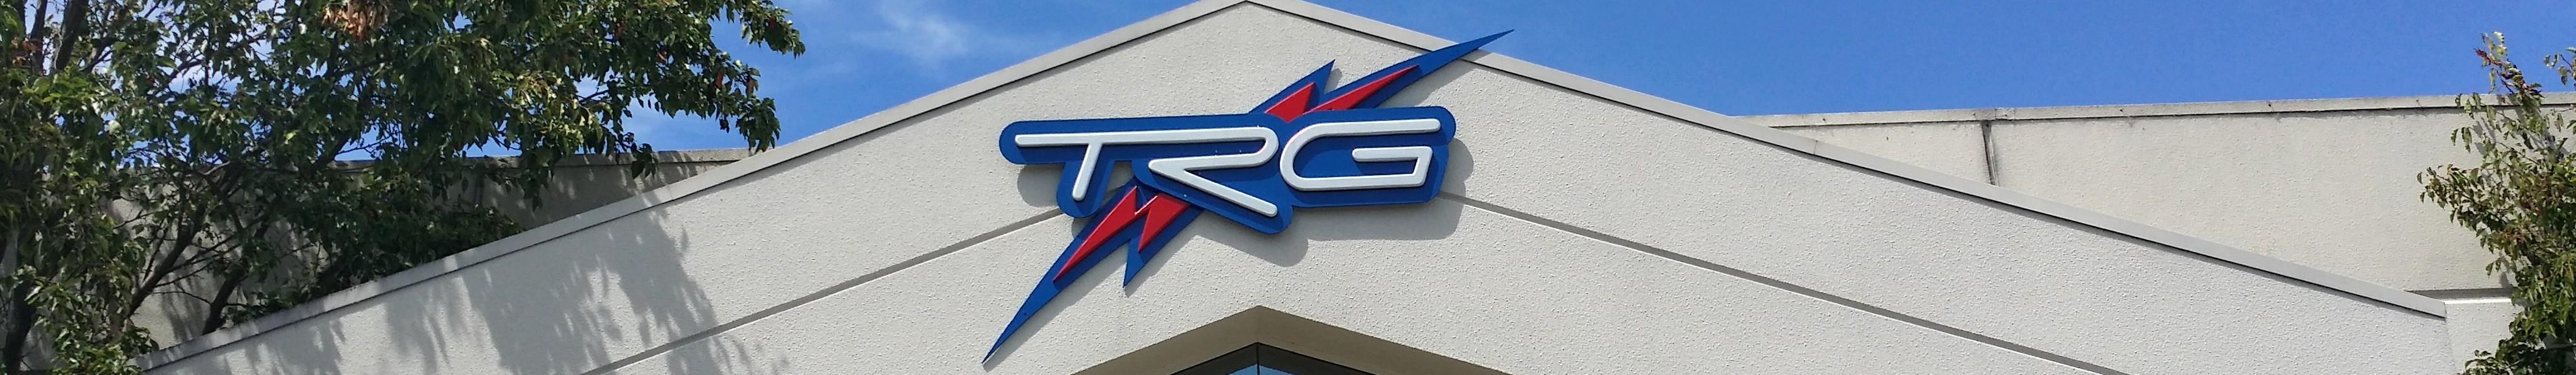 TRG Racing Jobs, Jobs in Racing